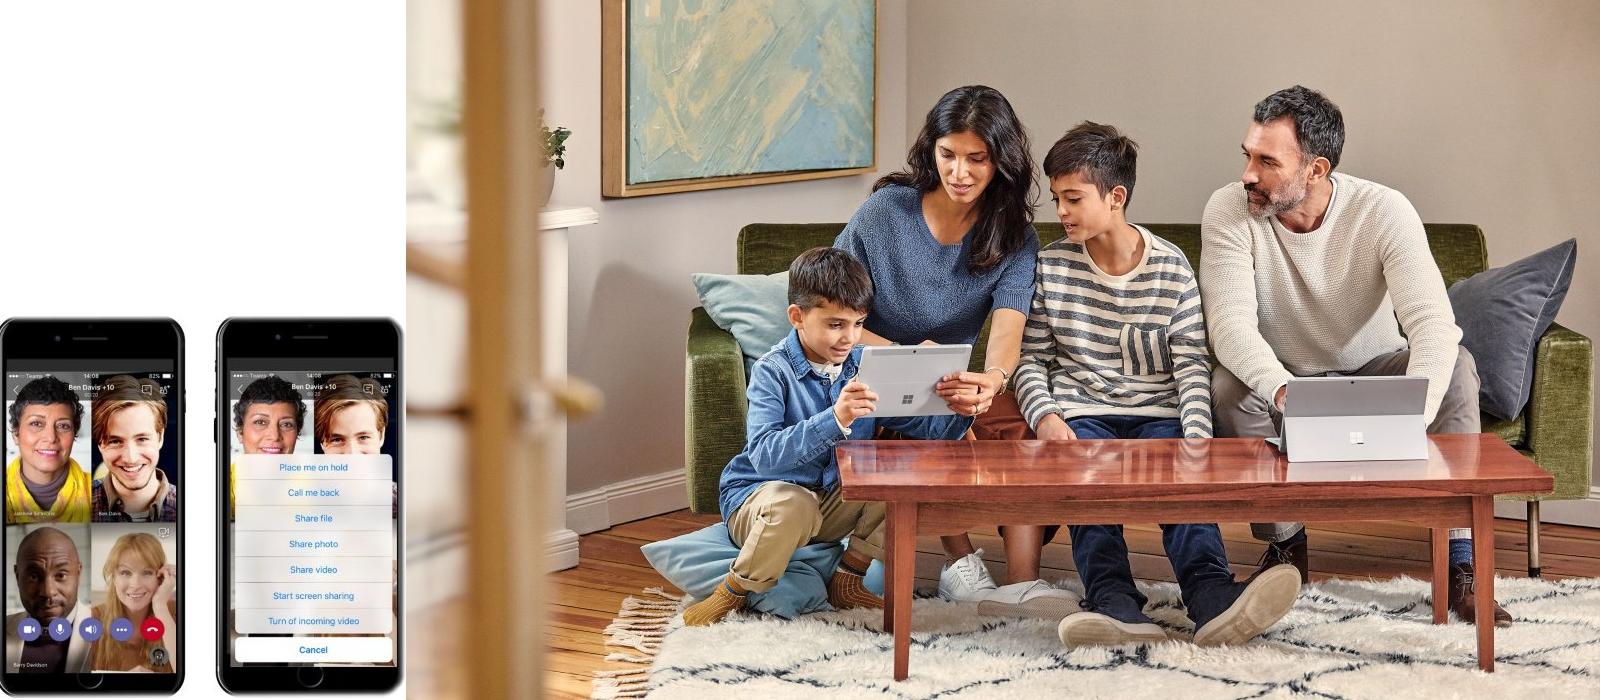 Eine Familie sitzt mit zwei Surface Go auf der Couch und nutzt die mobilen Apps zur Kommunikation mit anderen Personen